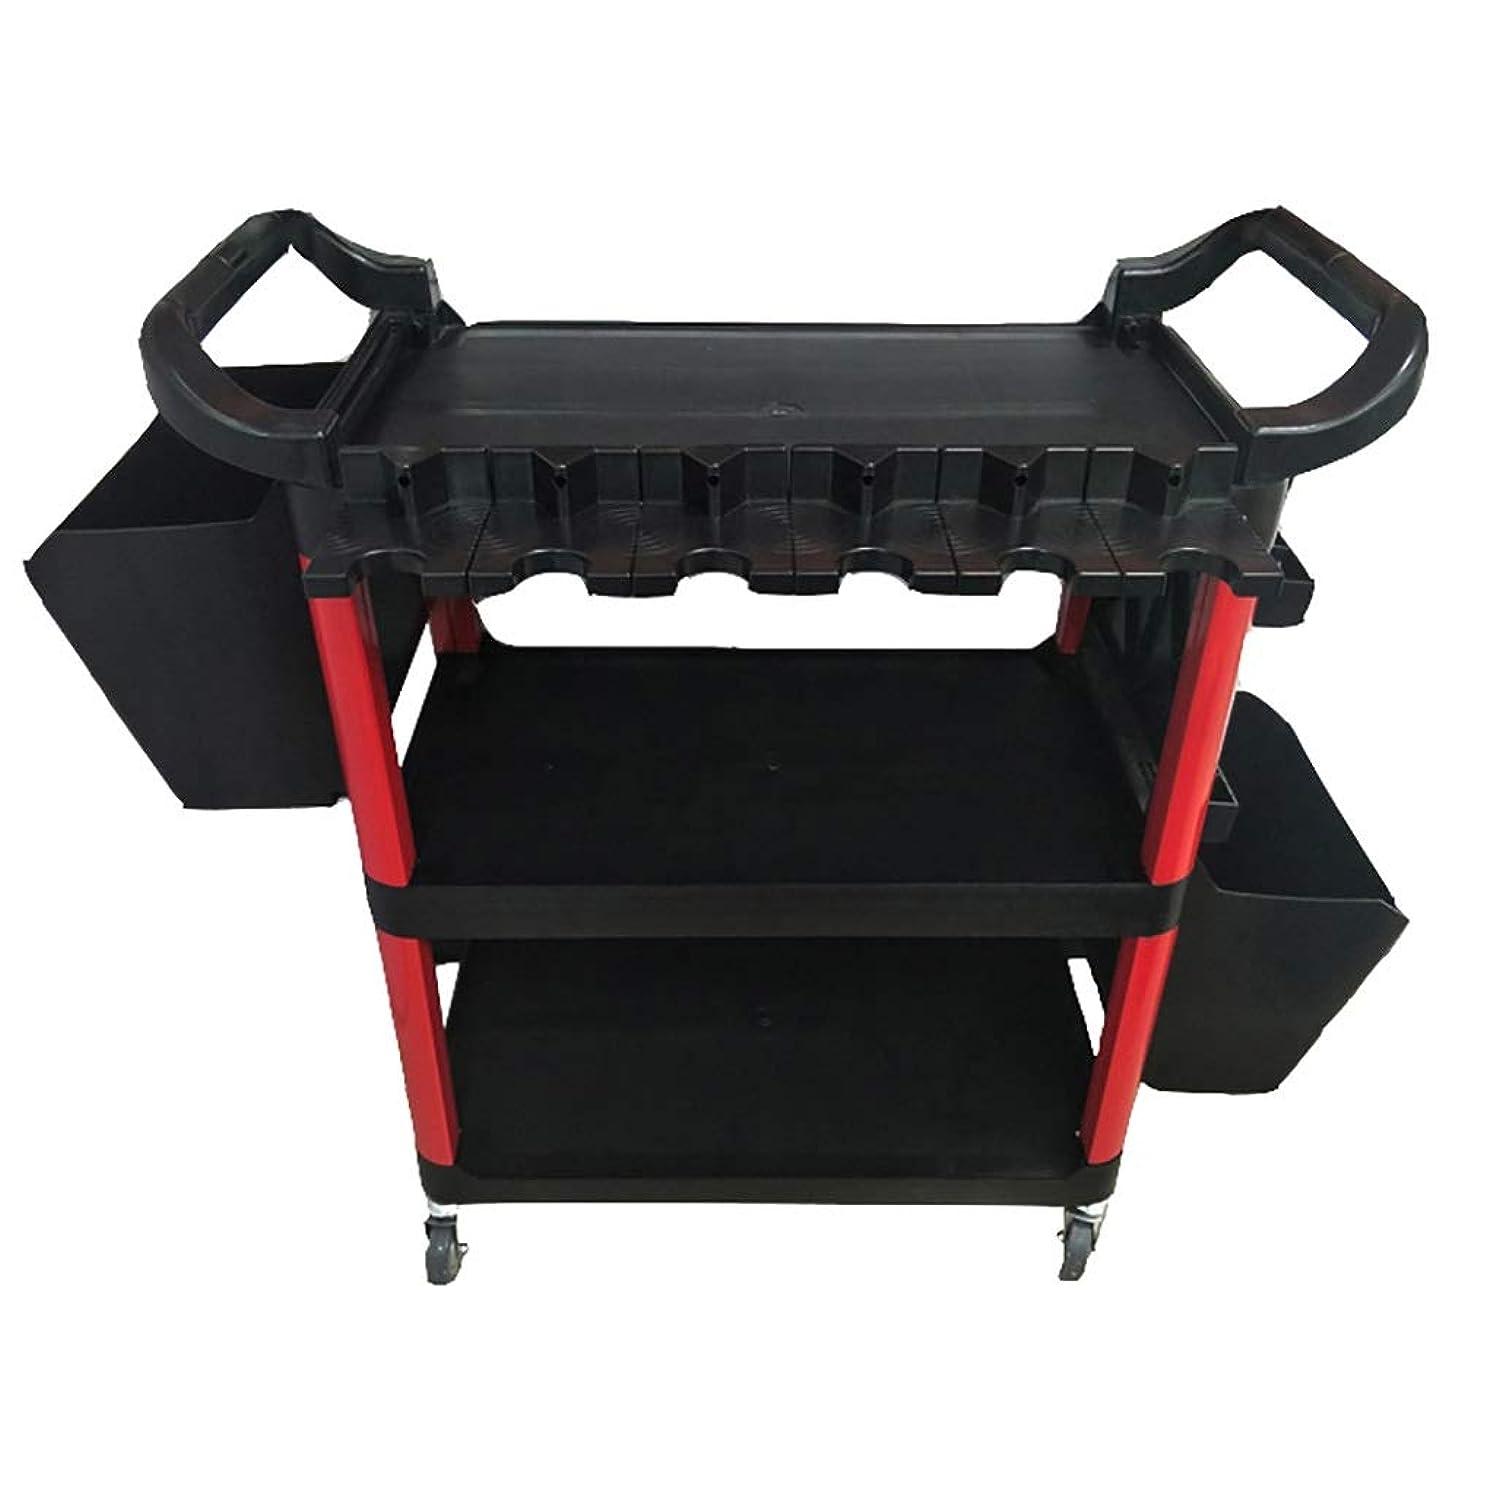 実行可能逆説腕車の美容室ツールカート、黒赤ブラシ散水することができます三層スチーム美容ハンドカート洗車機器、85 * 43 * 94 cm